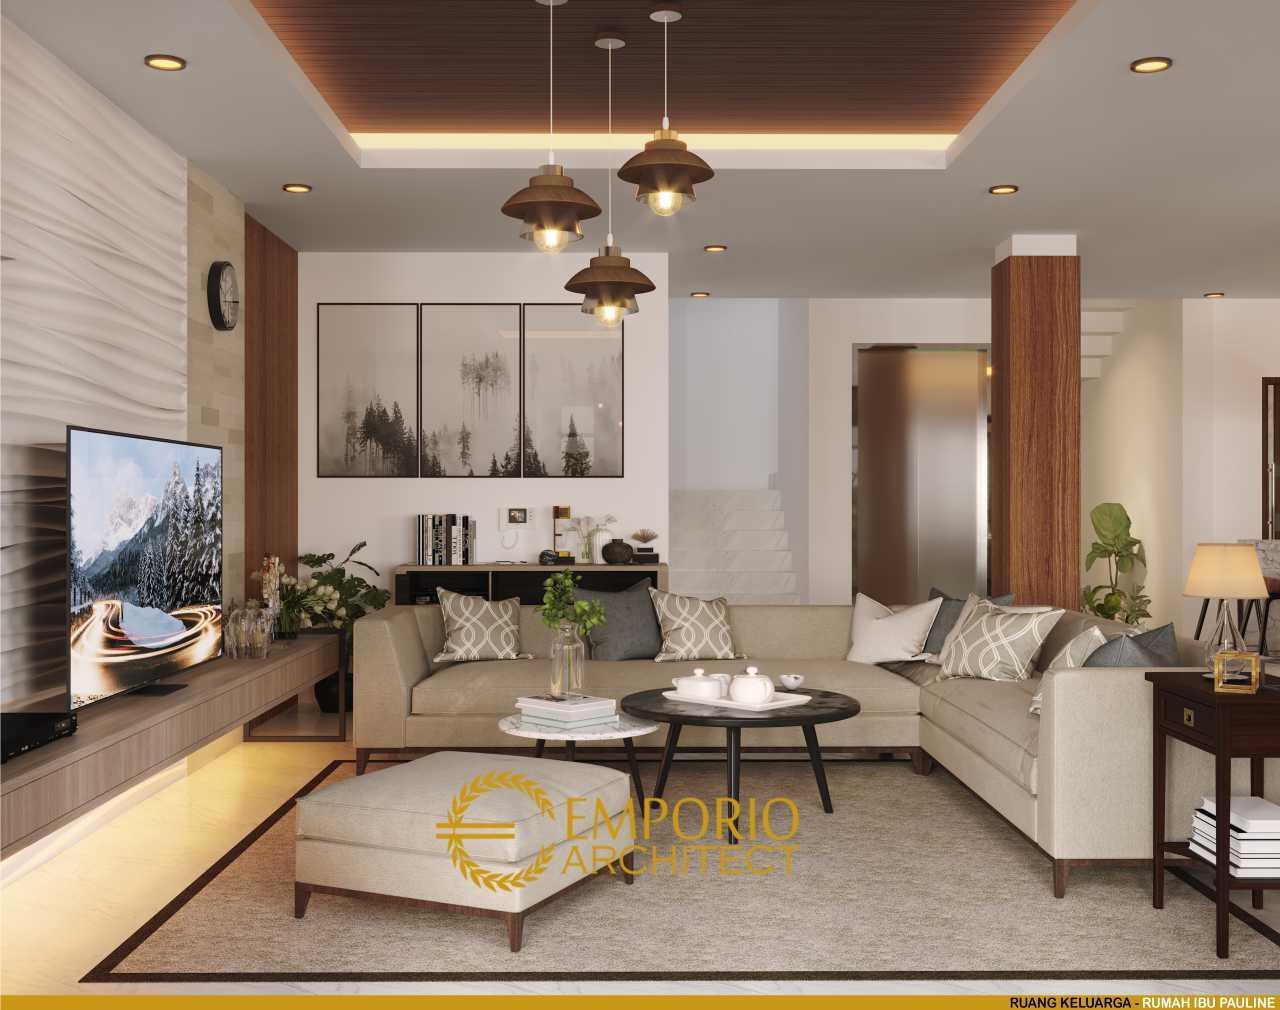 Emporio Architect Jasa Arsitek Bandung Desain Rumah 3 Lantai Style Modern Tropis 751 @ Bandung, Jawa Barat Bandung, Kota Bandung, Jawa Barat, Indonesia Bandung, Kota Bandung, Jawa Barat, Indonesia Emporio-Architect-Jasa-Arsitek-Bandung-Desain-Rumah-3-Lantai-Style-Modern-Tropis-751-Bandung-Jawa-Barat  86658